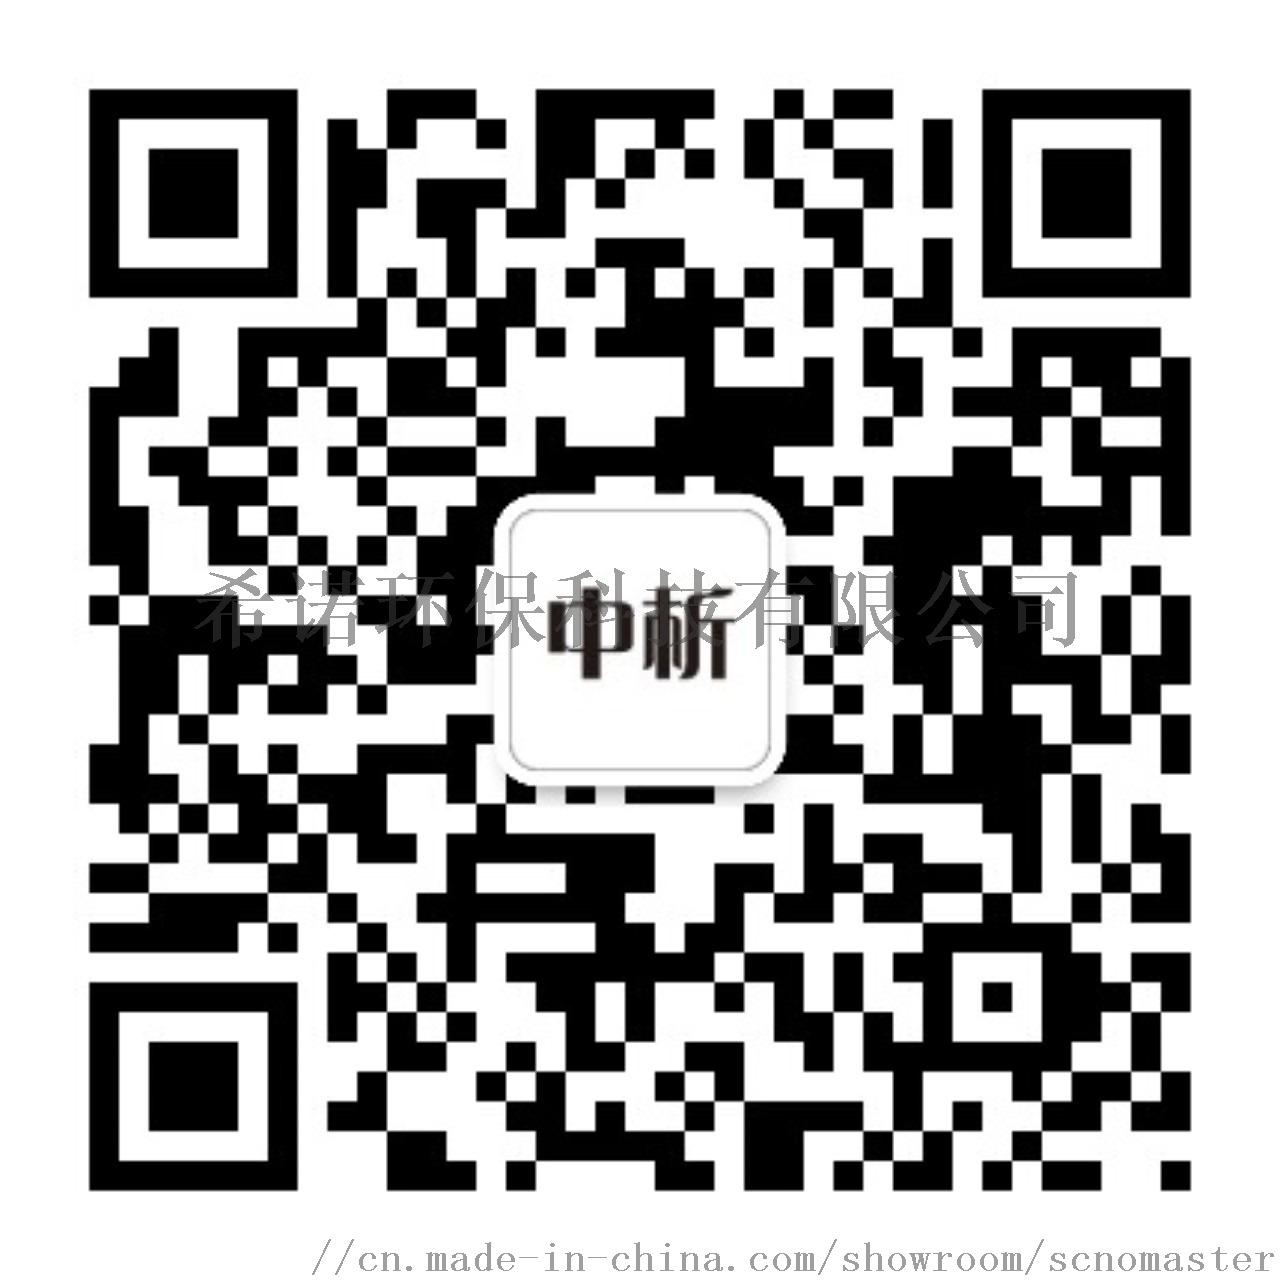 微信公账号.jpg